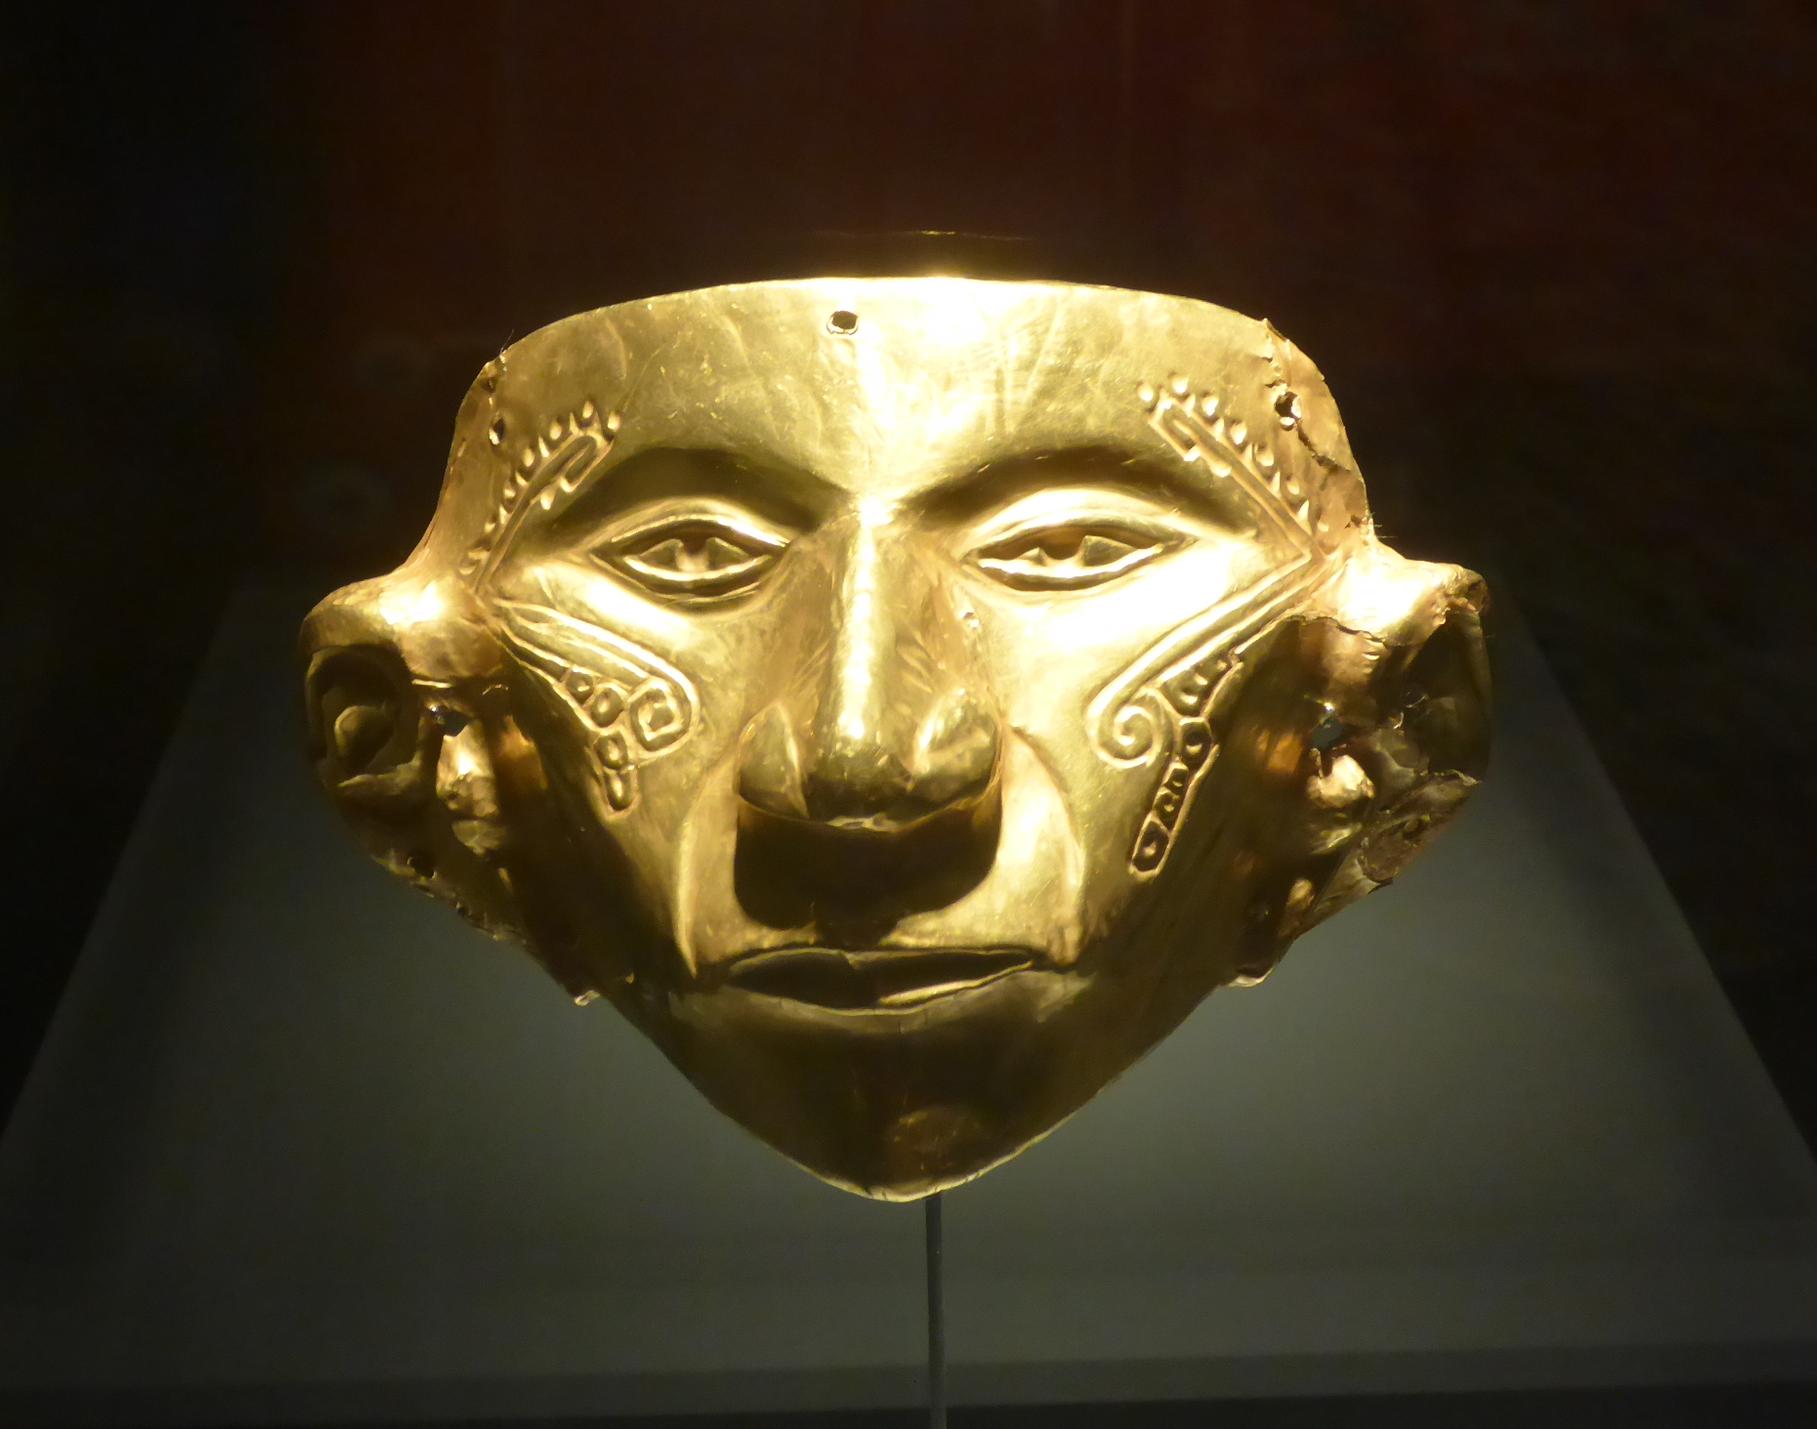 Museo de Oro (Museum of Gold), Bogota